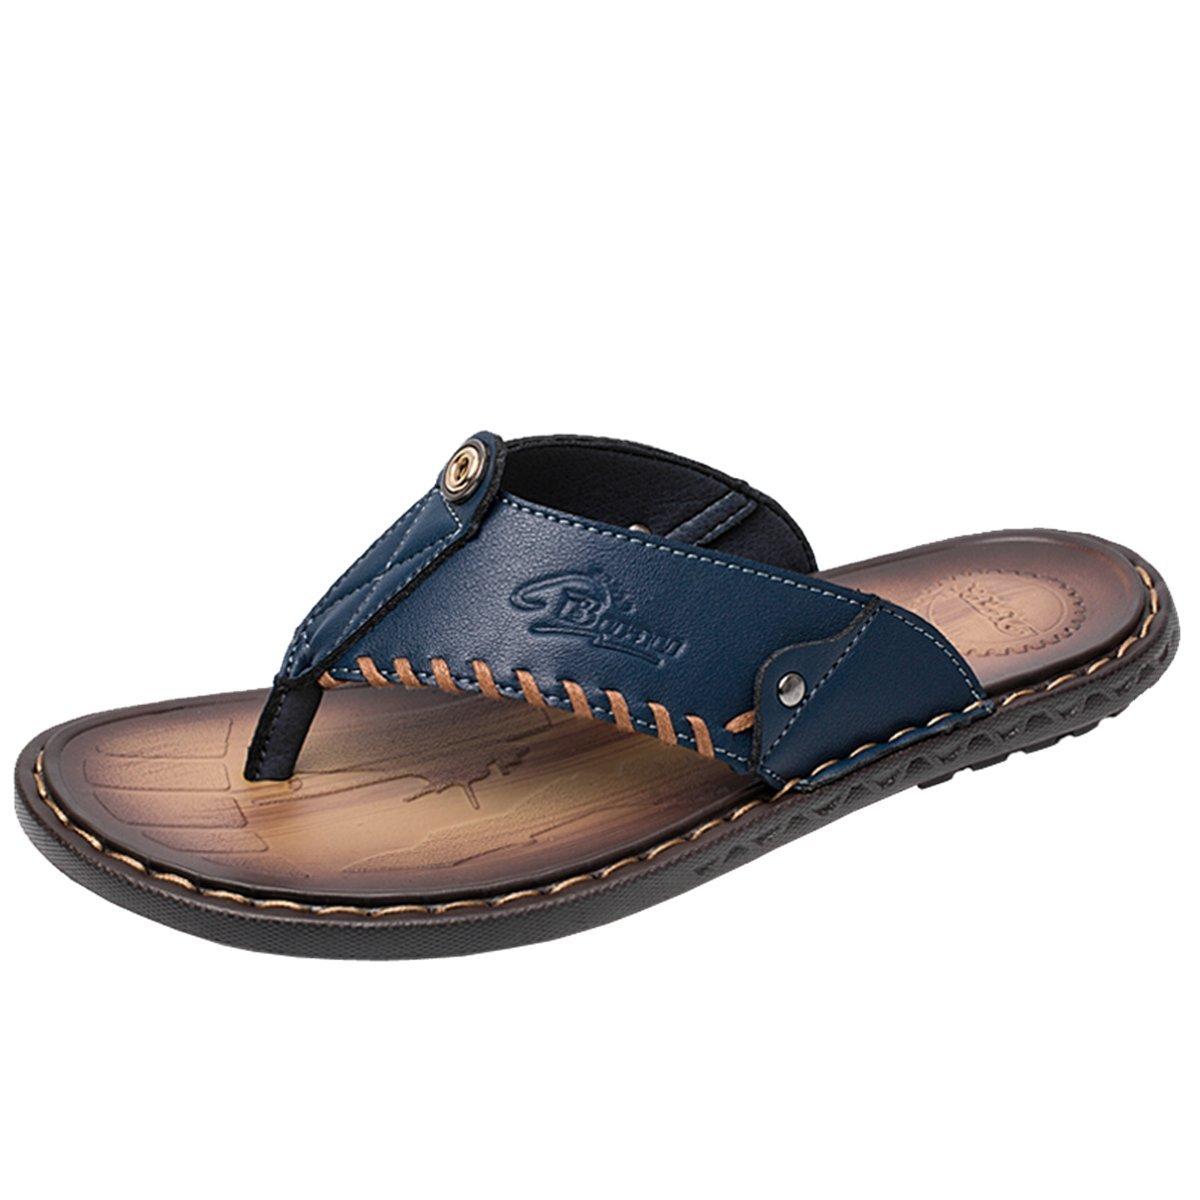 Gracosy Flip Flops, Unisex Zehentrenner Flache Hausschuhe Pantoletten Sommer Schuhe Slippers Weich Anti-Rutsch T-Strap Sandalen fuuml;r Herren Damenr  39 EU|Blau-e